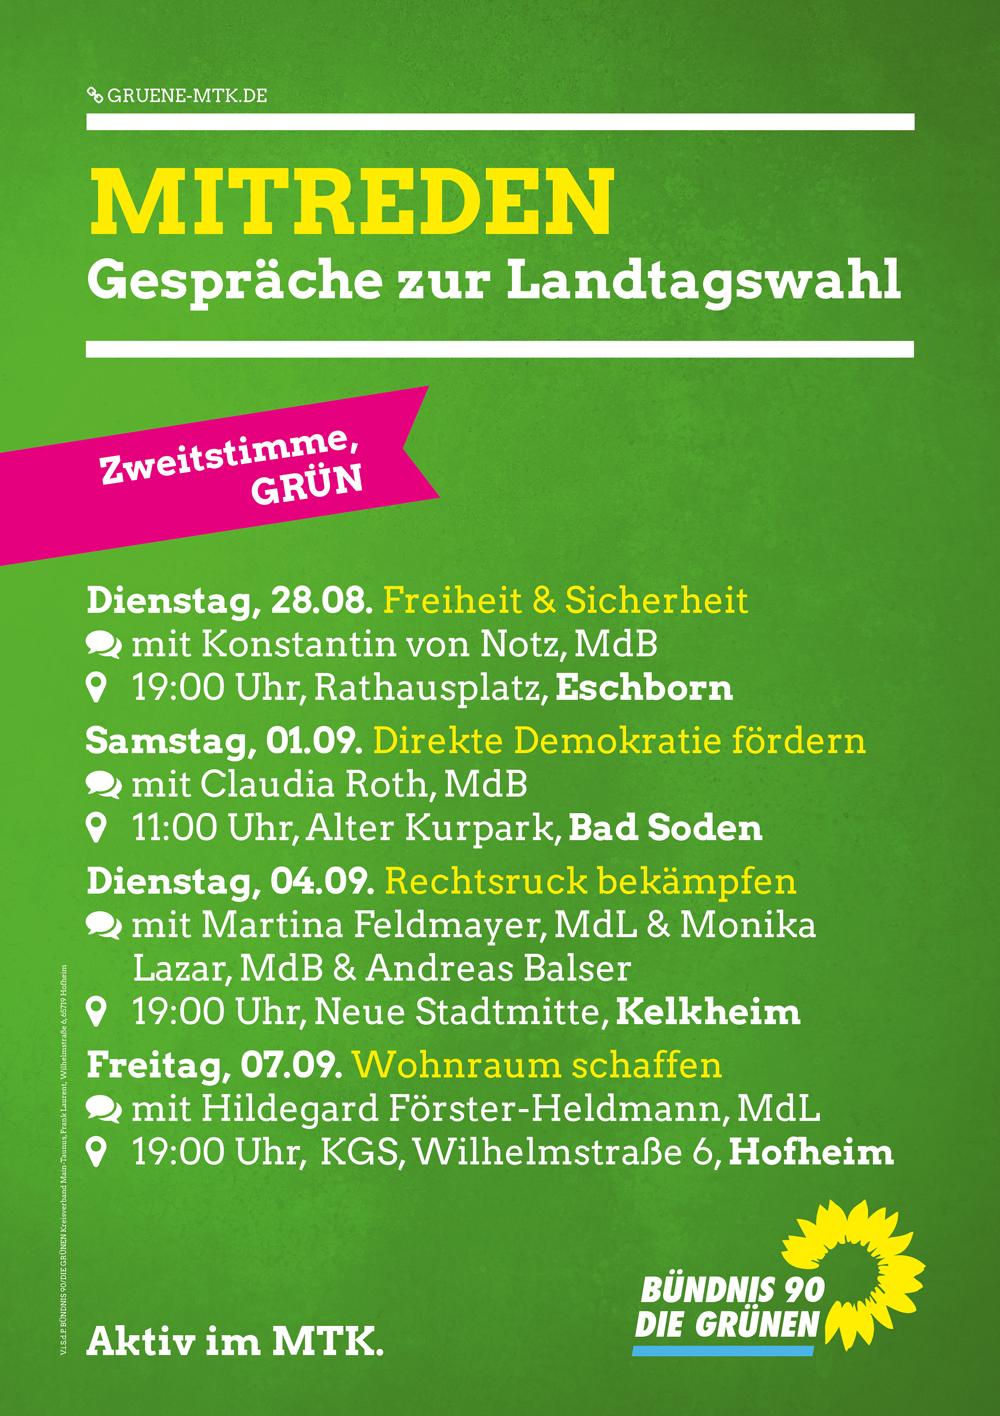 Mitreden: Gespräche zur Landtagswahl